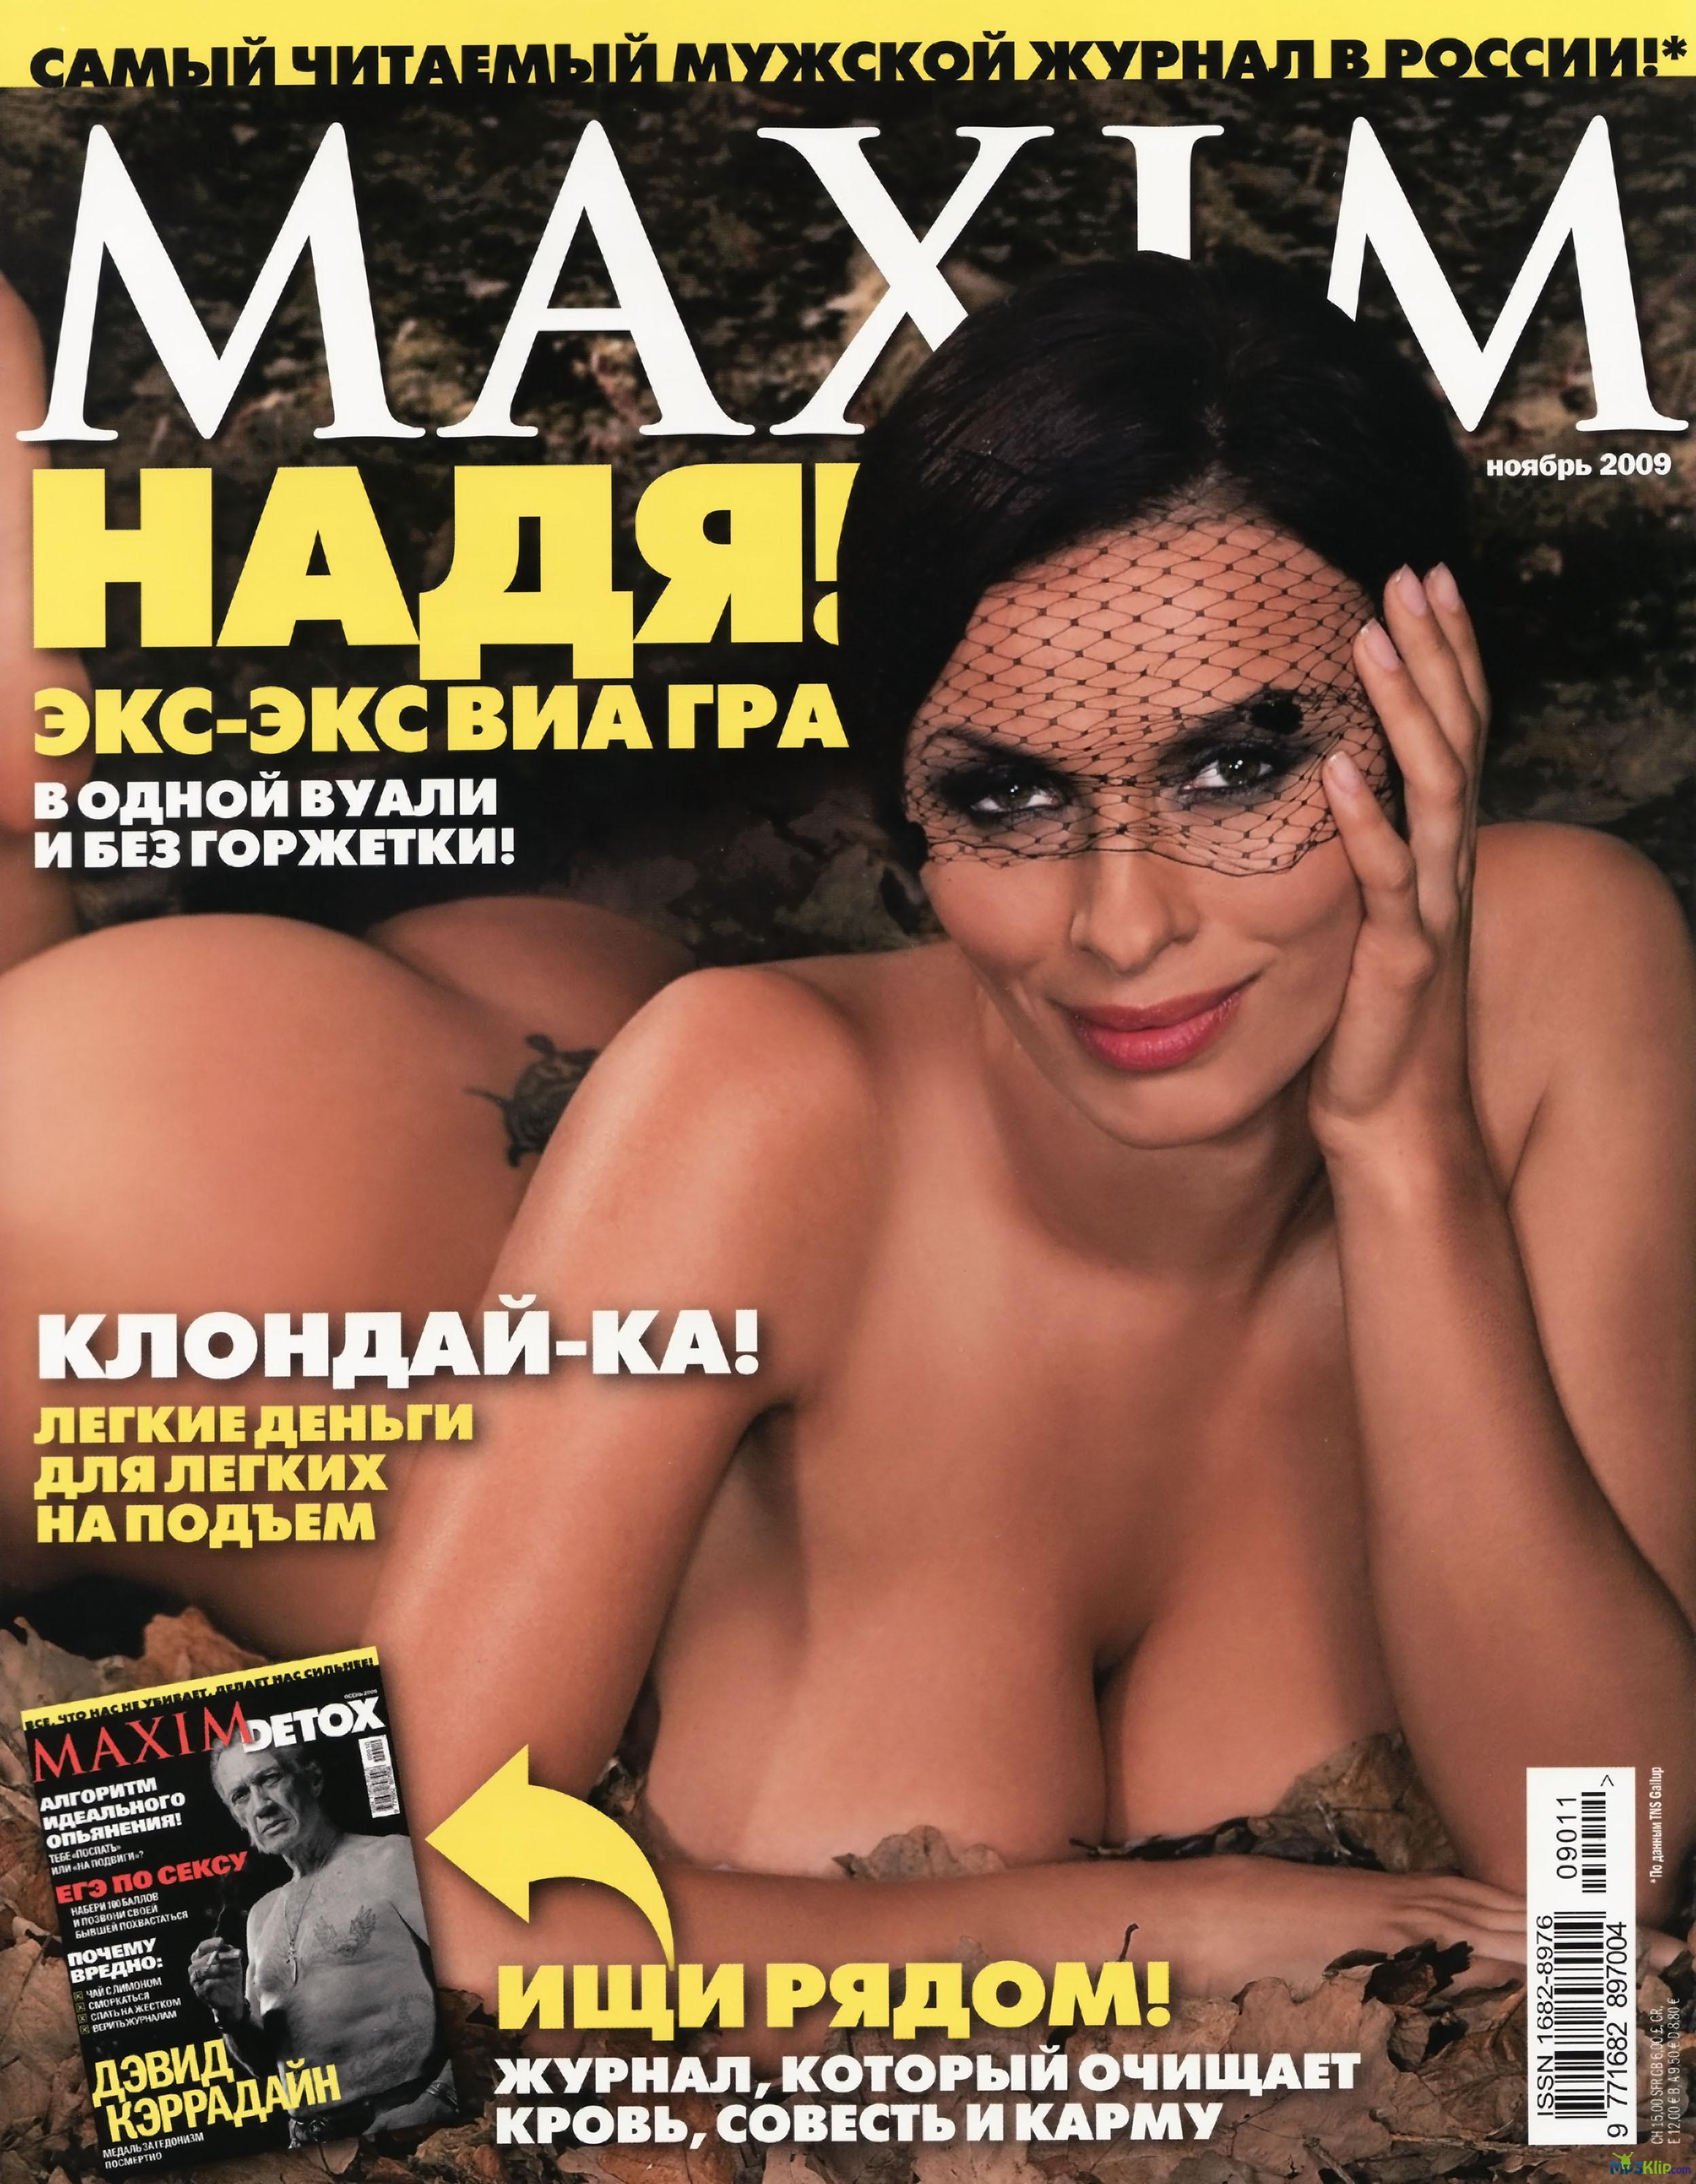 zhurnali-porno-maksim